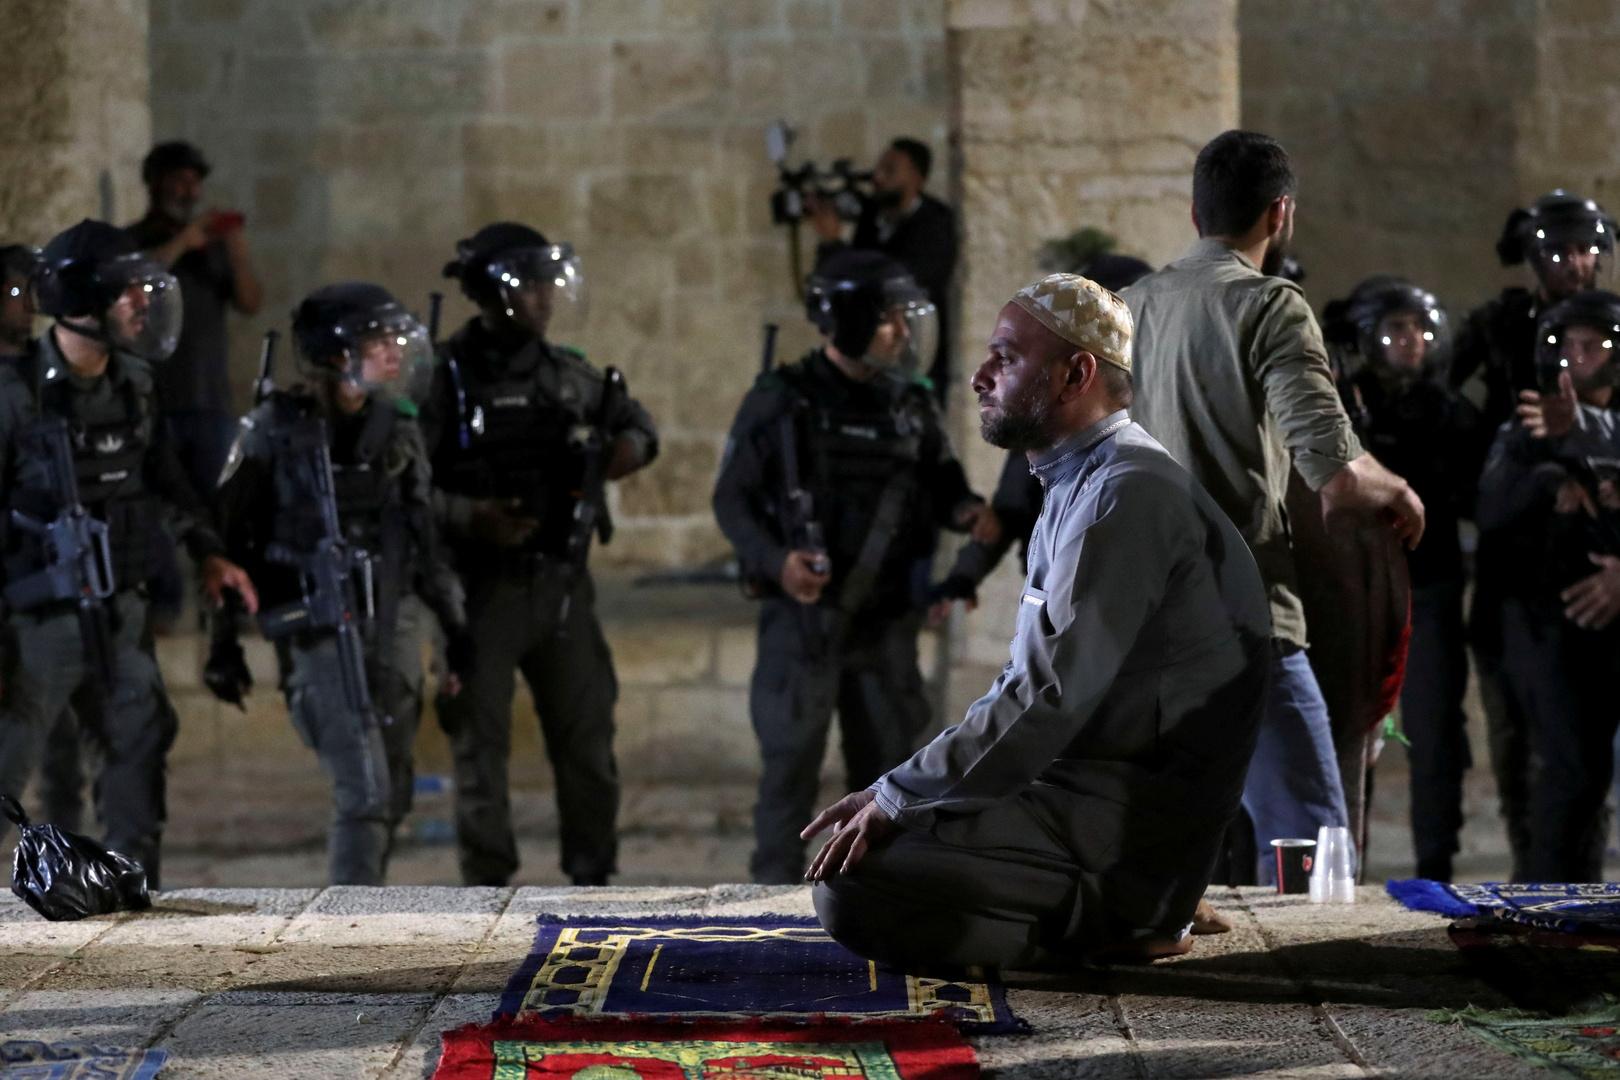 الأمم المتحدة: جرائم حرب إسرائيلية محتملة في القدس الشرقية